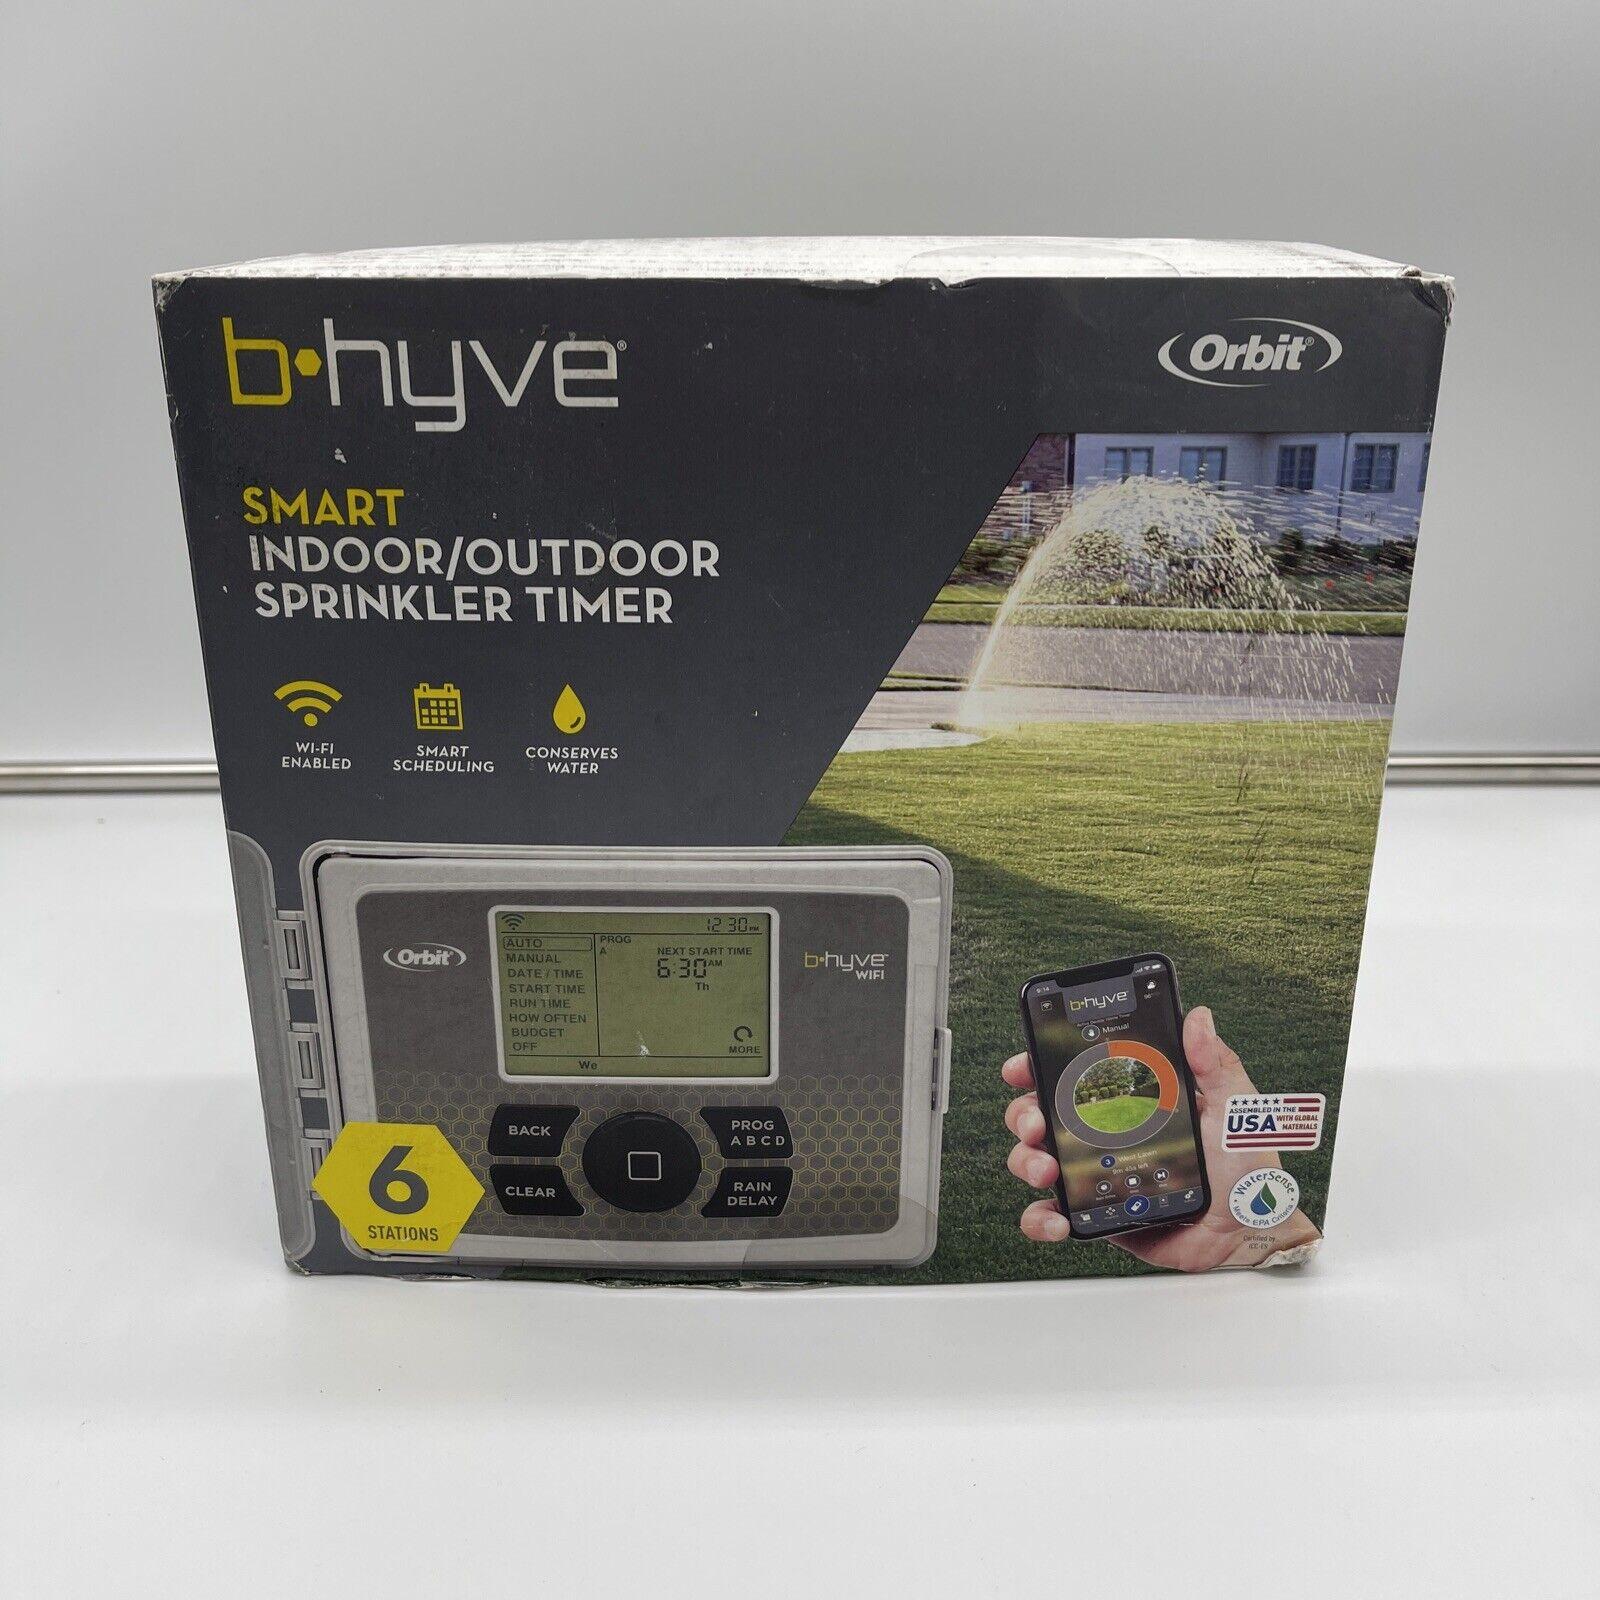 Orbit B Hyve Smart WIFI Sprinkler Timer 57946 For Parts or Repair